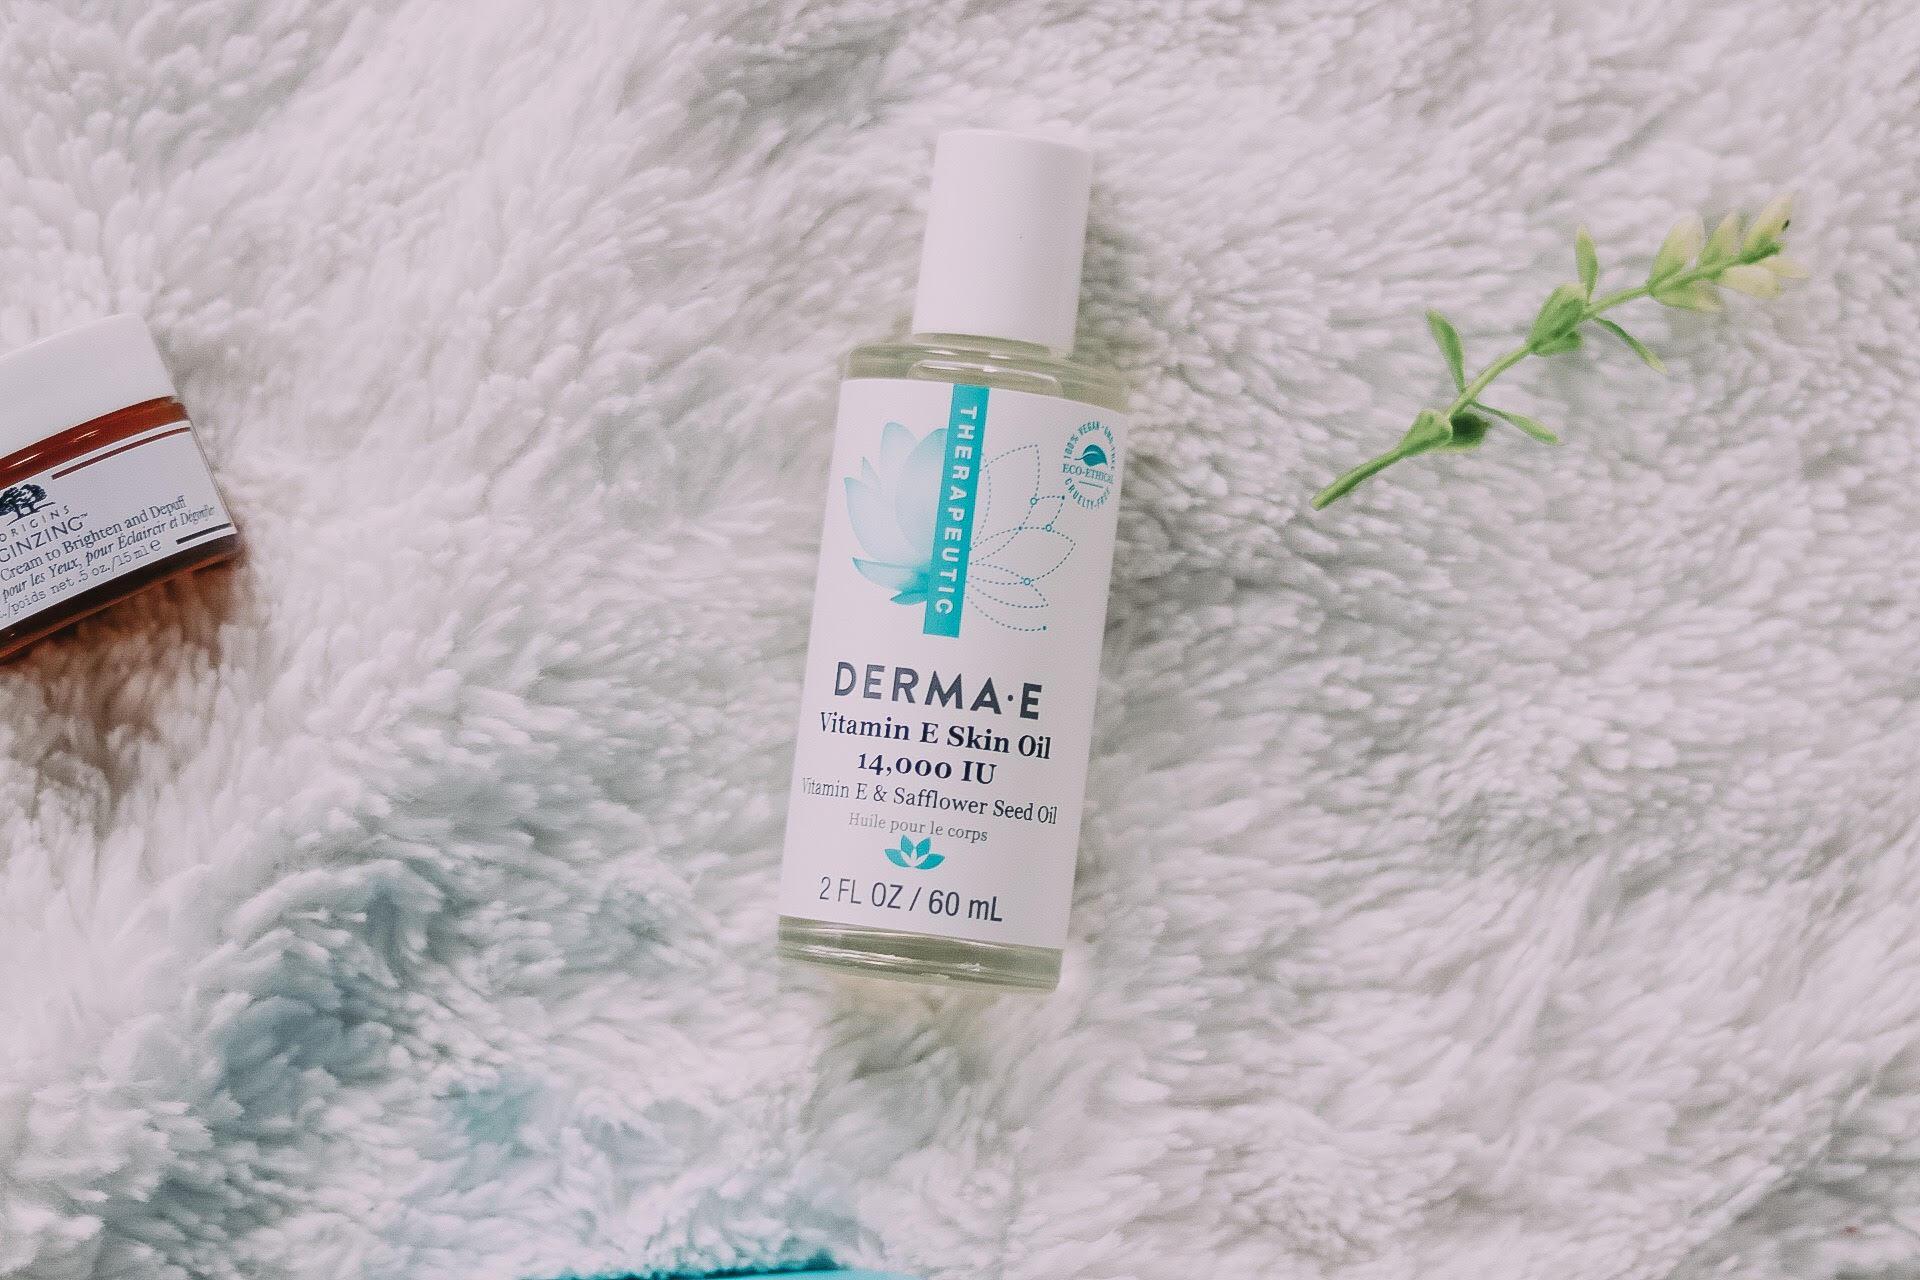 dermae vitamin E oil